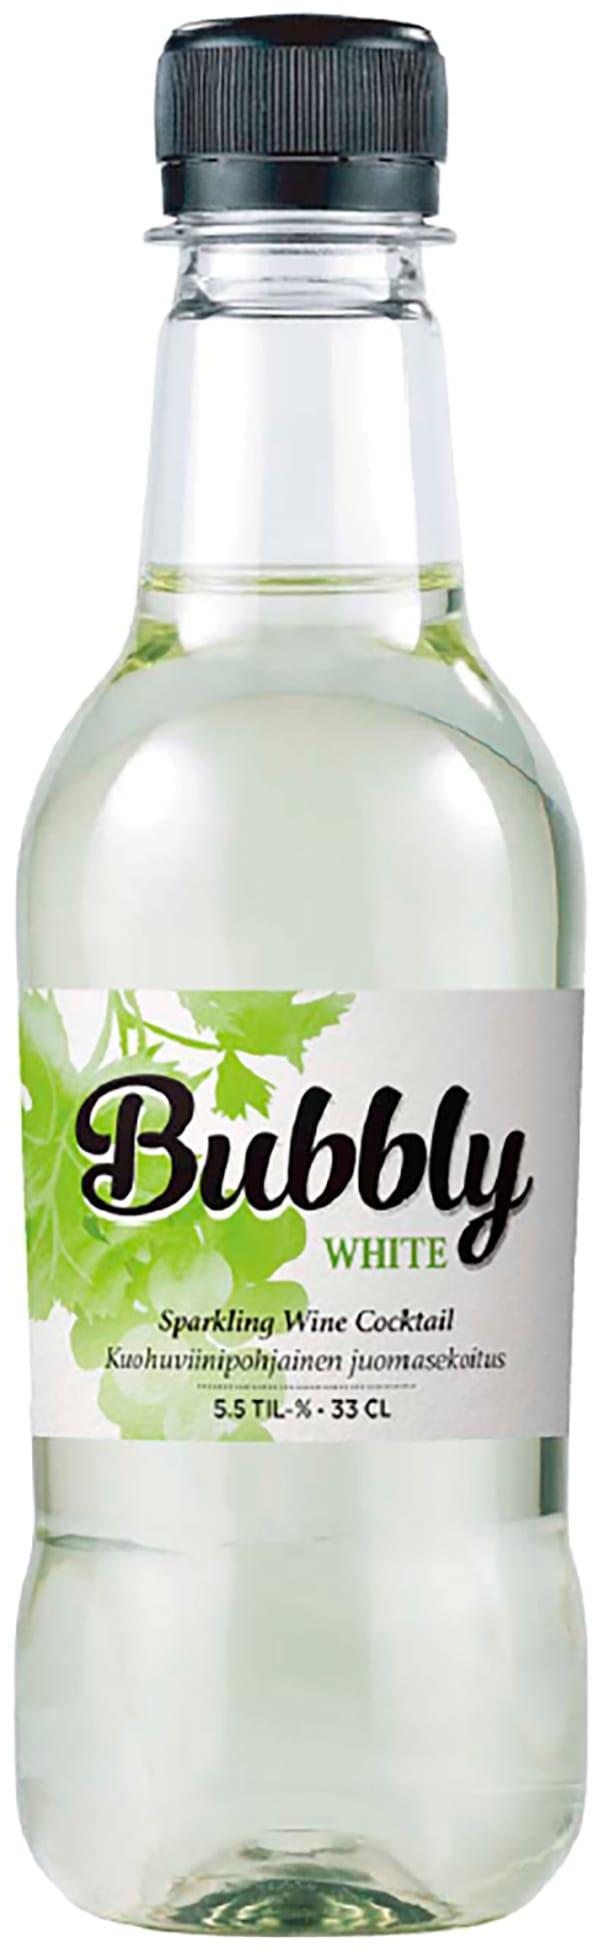 Bubbly White plastflaska